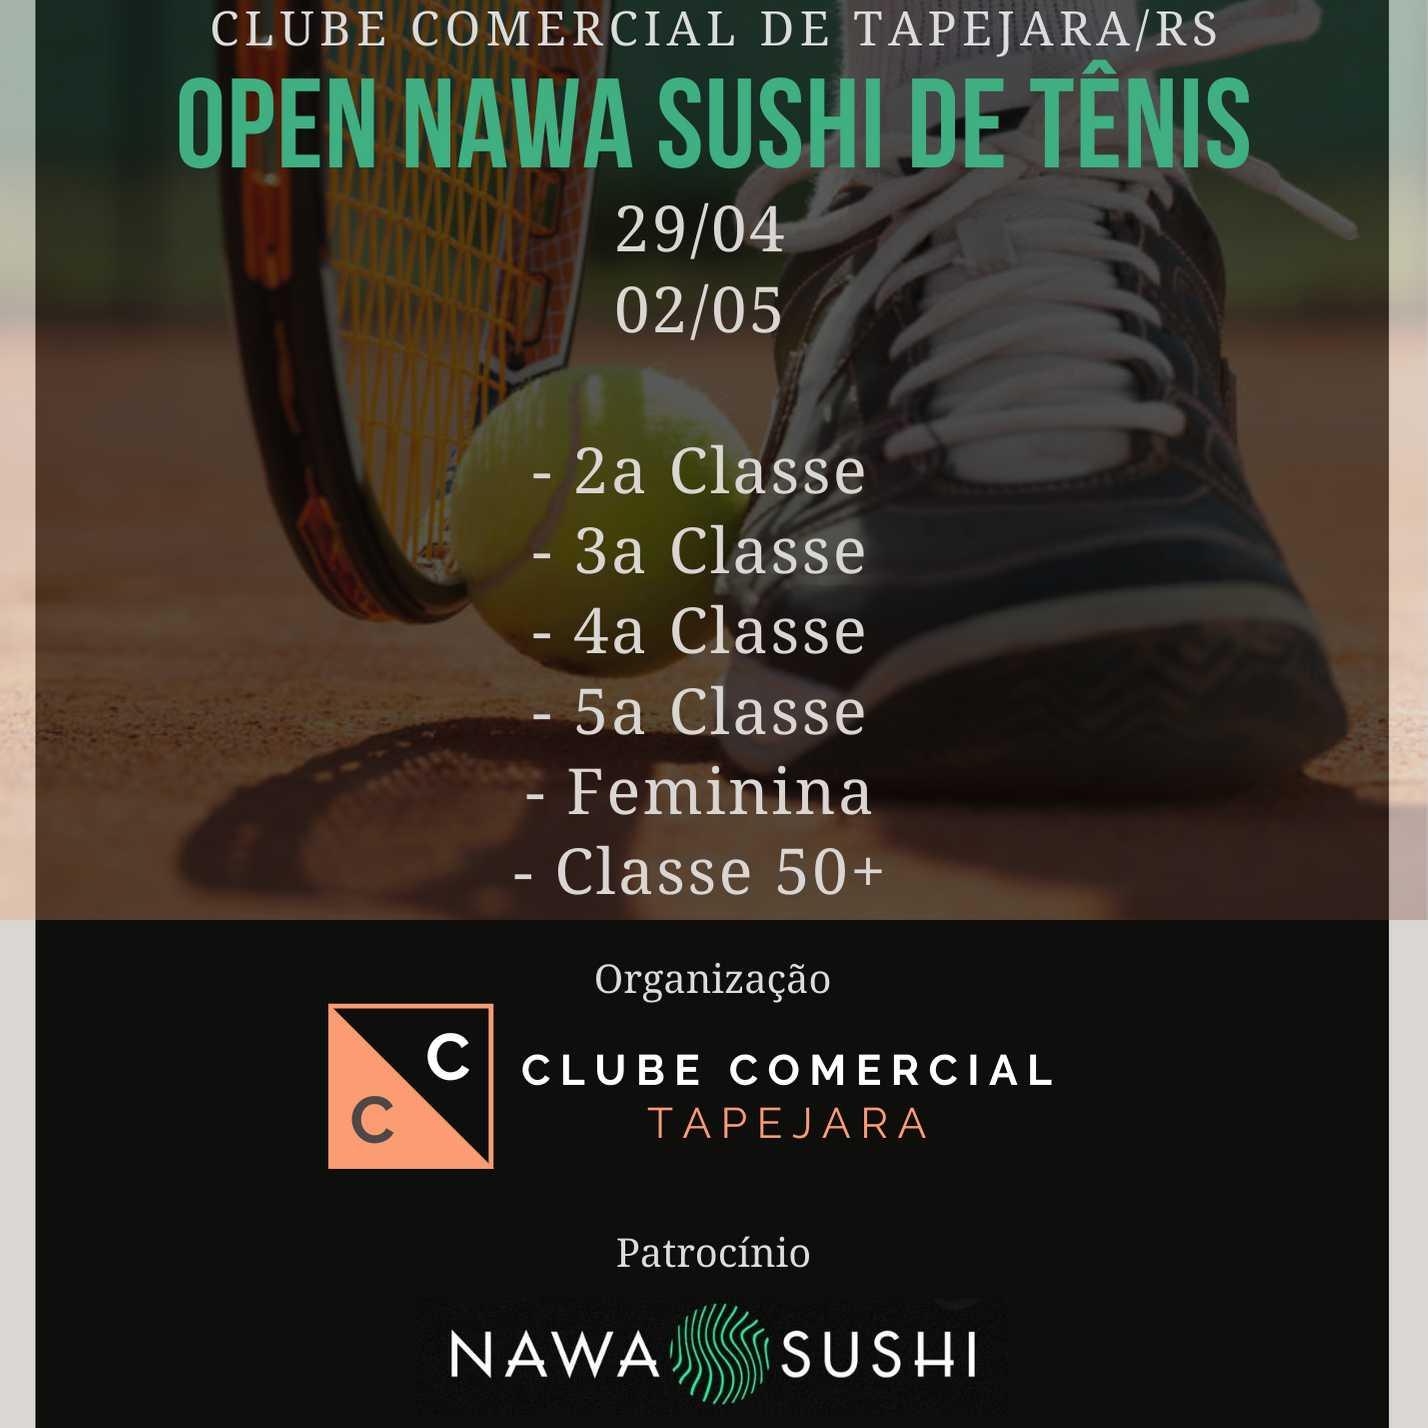 Open Nawa Sushi de Tênis